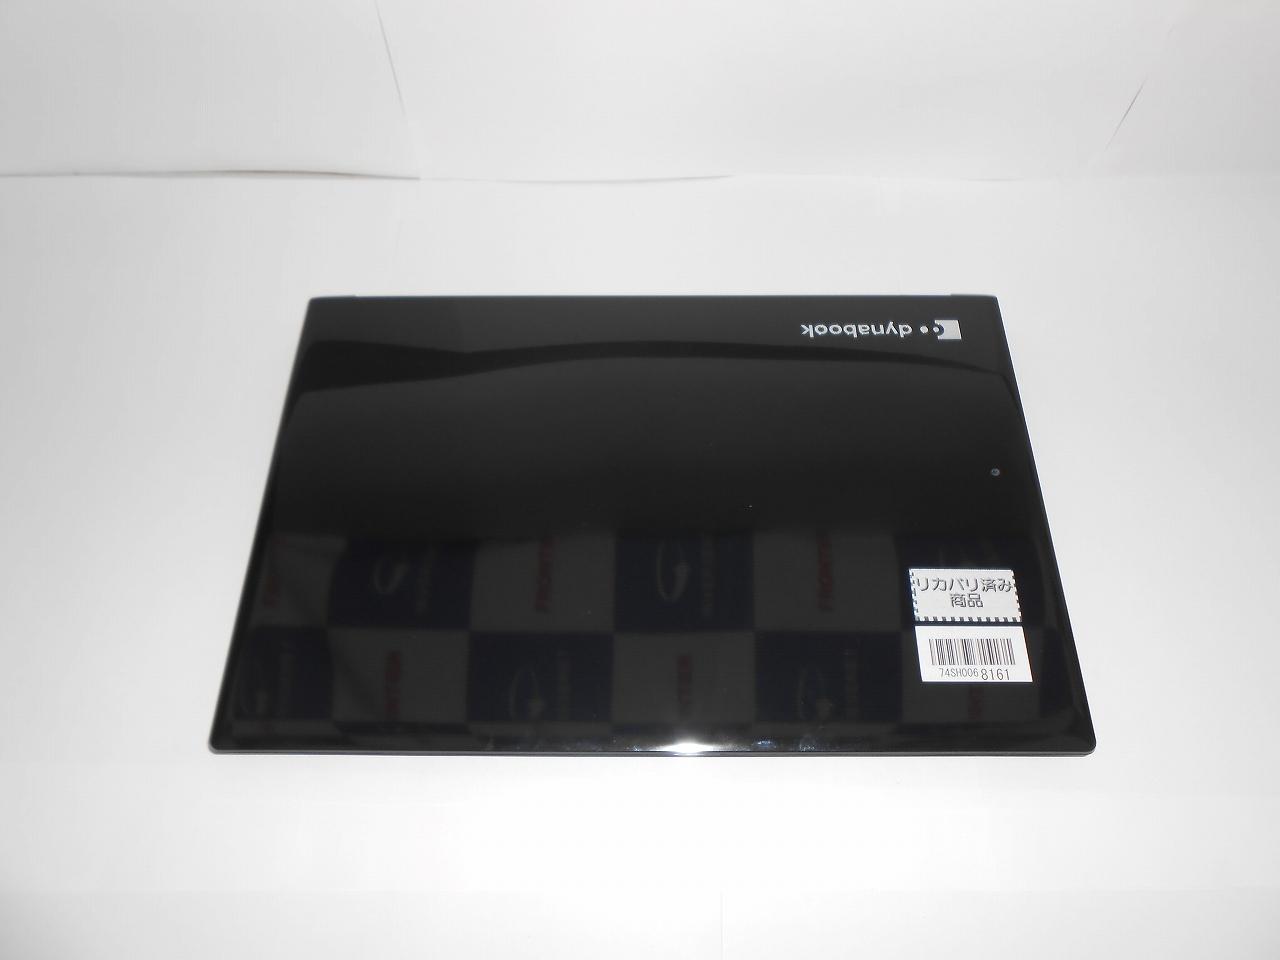 【決算セール】【中古】 dynabook T55/GBS/2018年モデル/Corei5 8250U 1.6GHz/メモリ8GB/SATA1000GB/15インチ/Windows10Home【3ヶ月保証】【足立店発送】